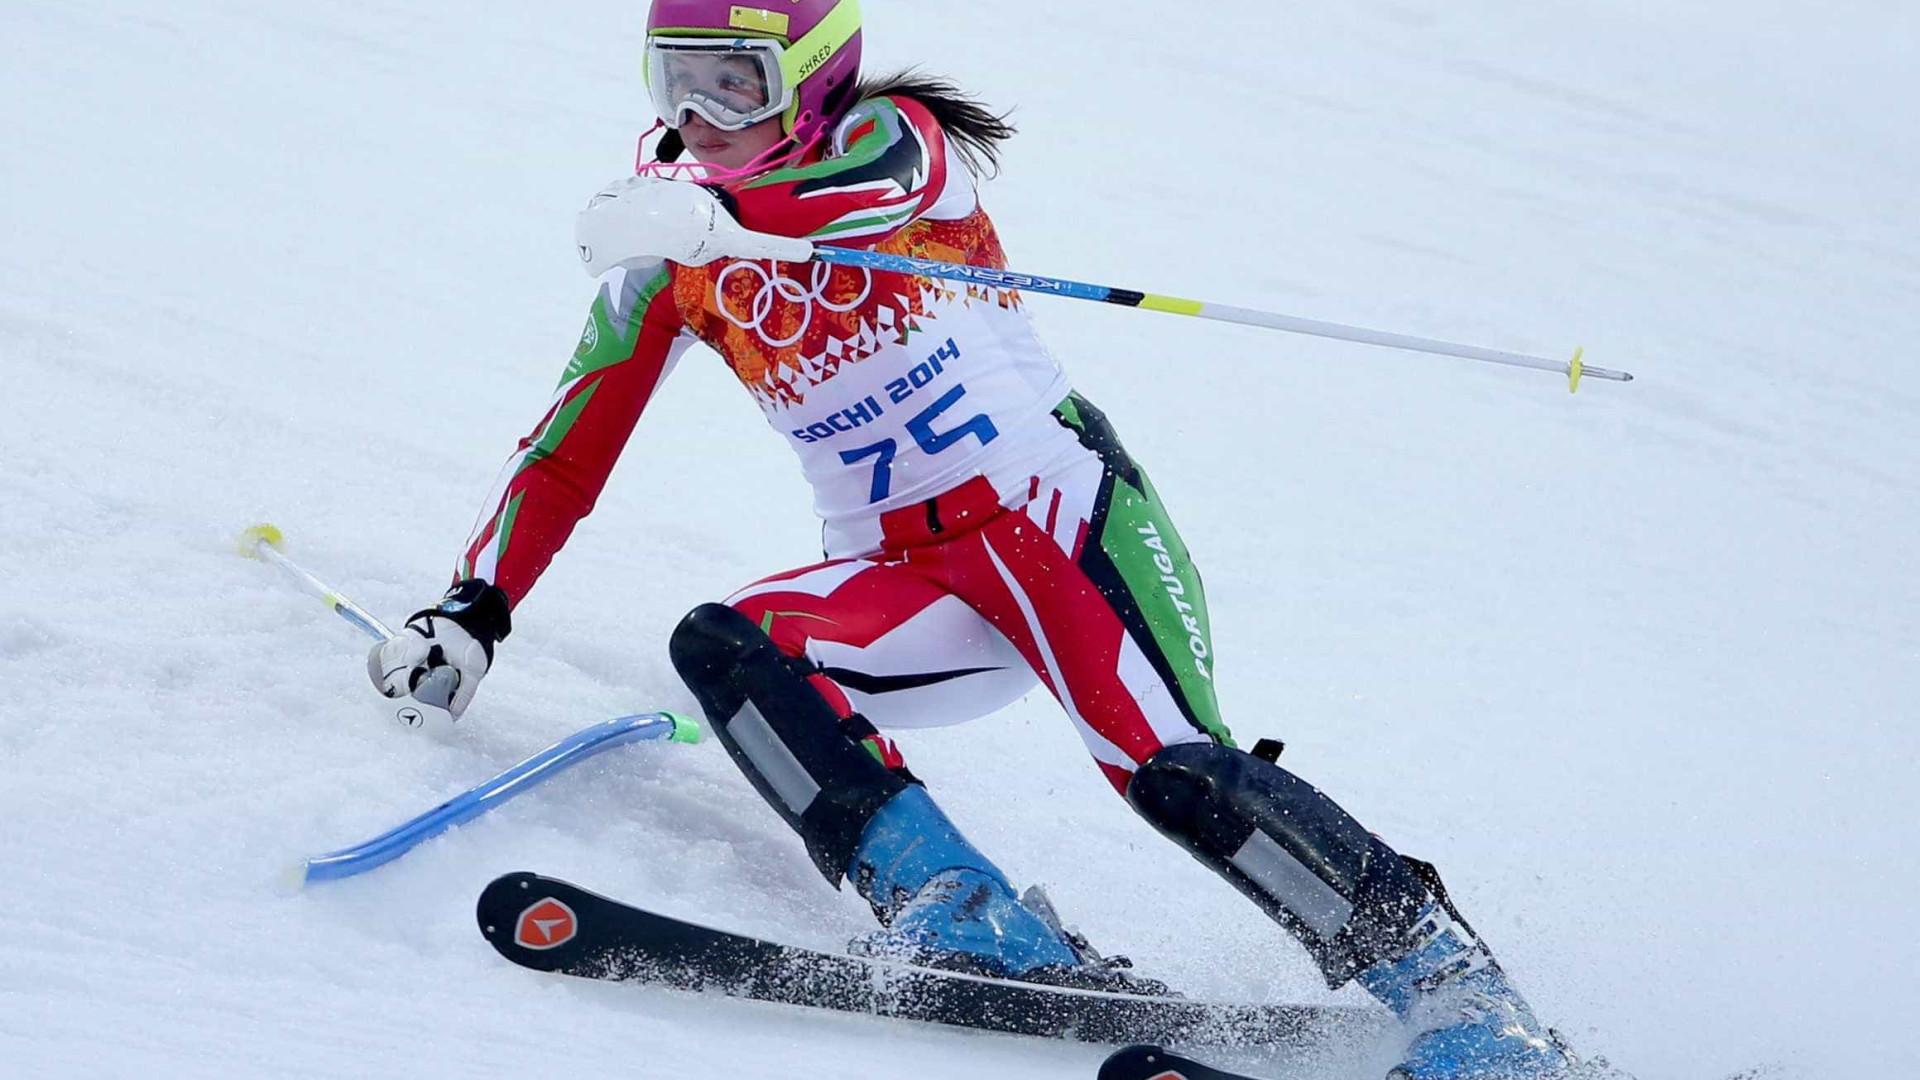 Esquiadora olímpica portuguesa Camille Dias termina carreira